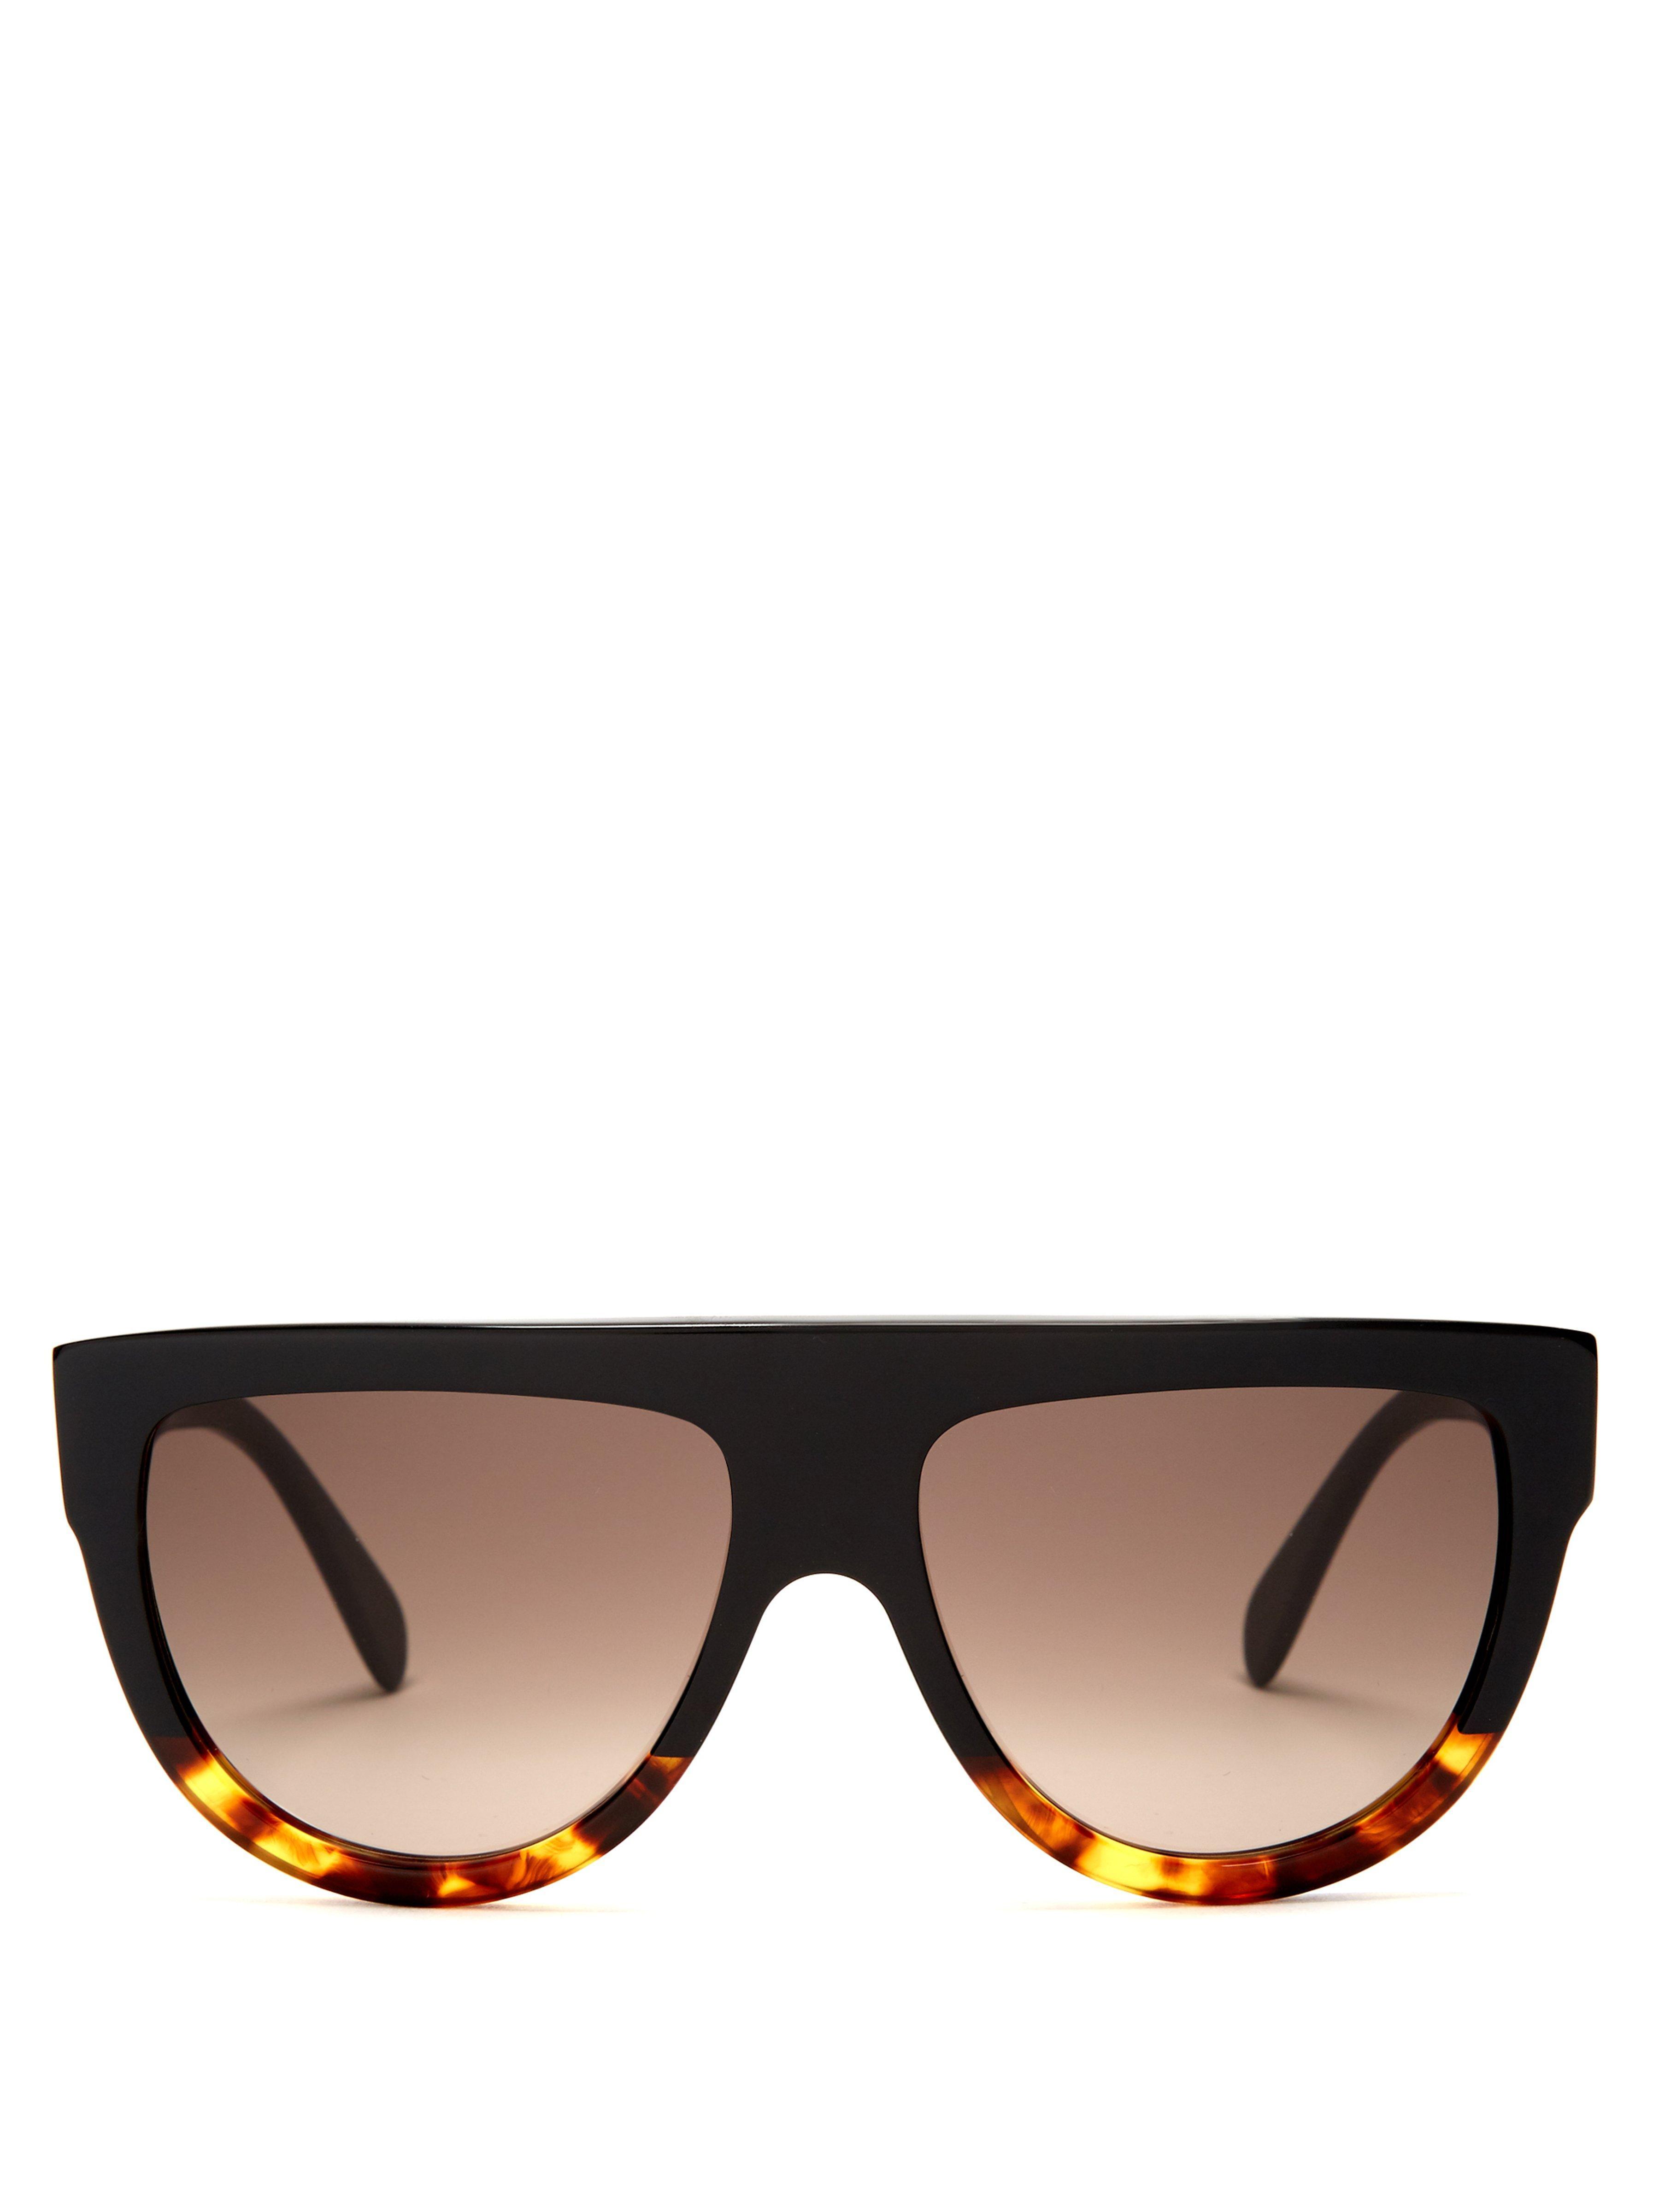 4e578553e4 Céline Aviator D Frame Acetate Sunglasses in Black - Lyst